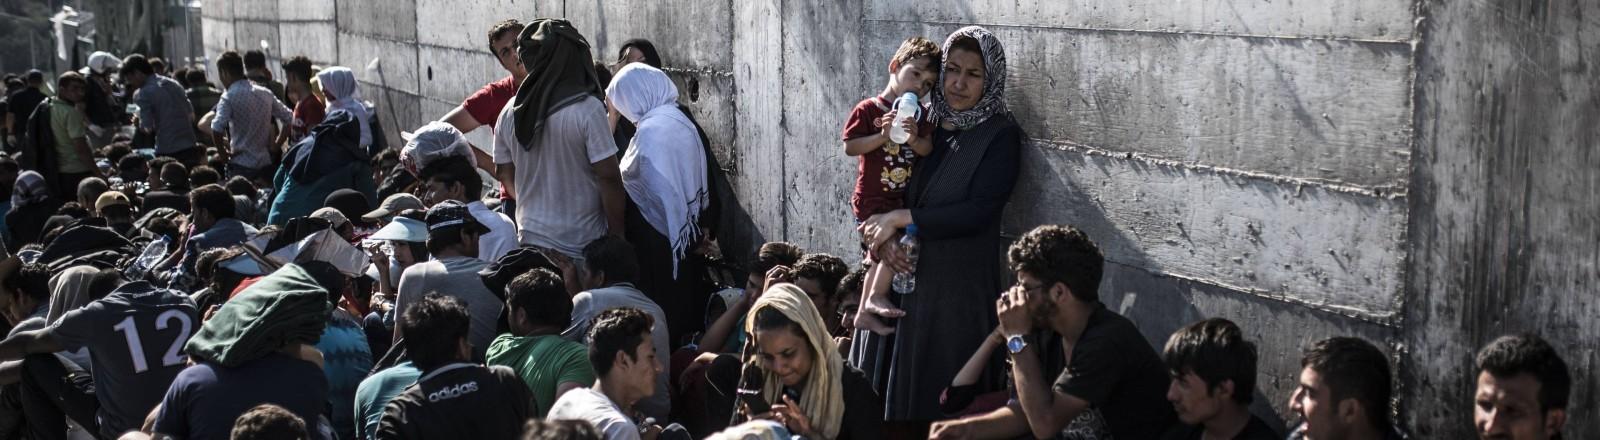 Menschen im Flüchtlingslager Moria